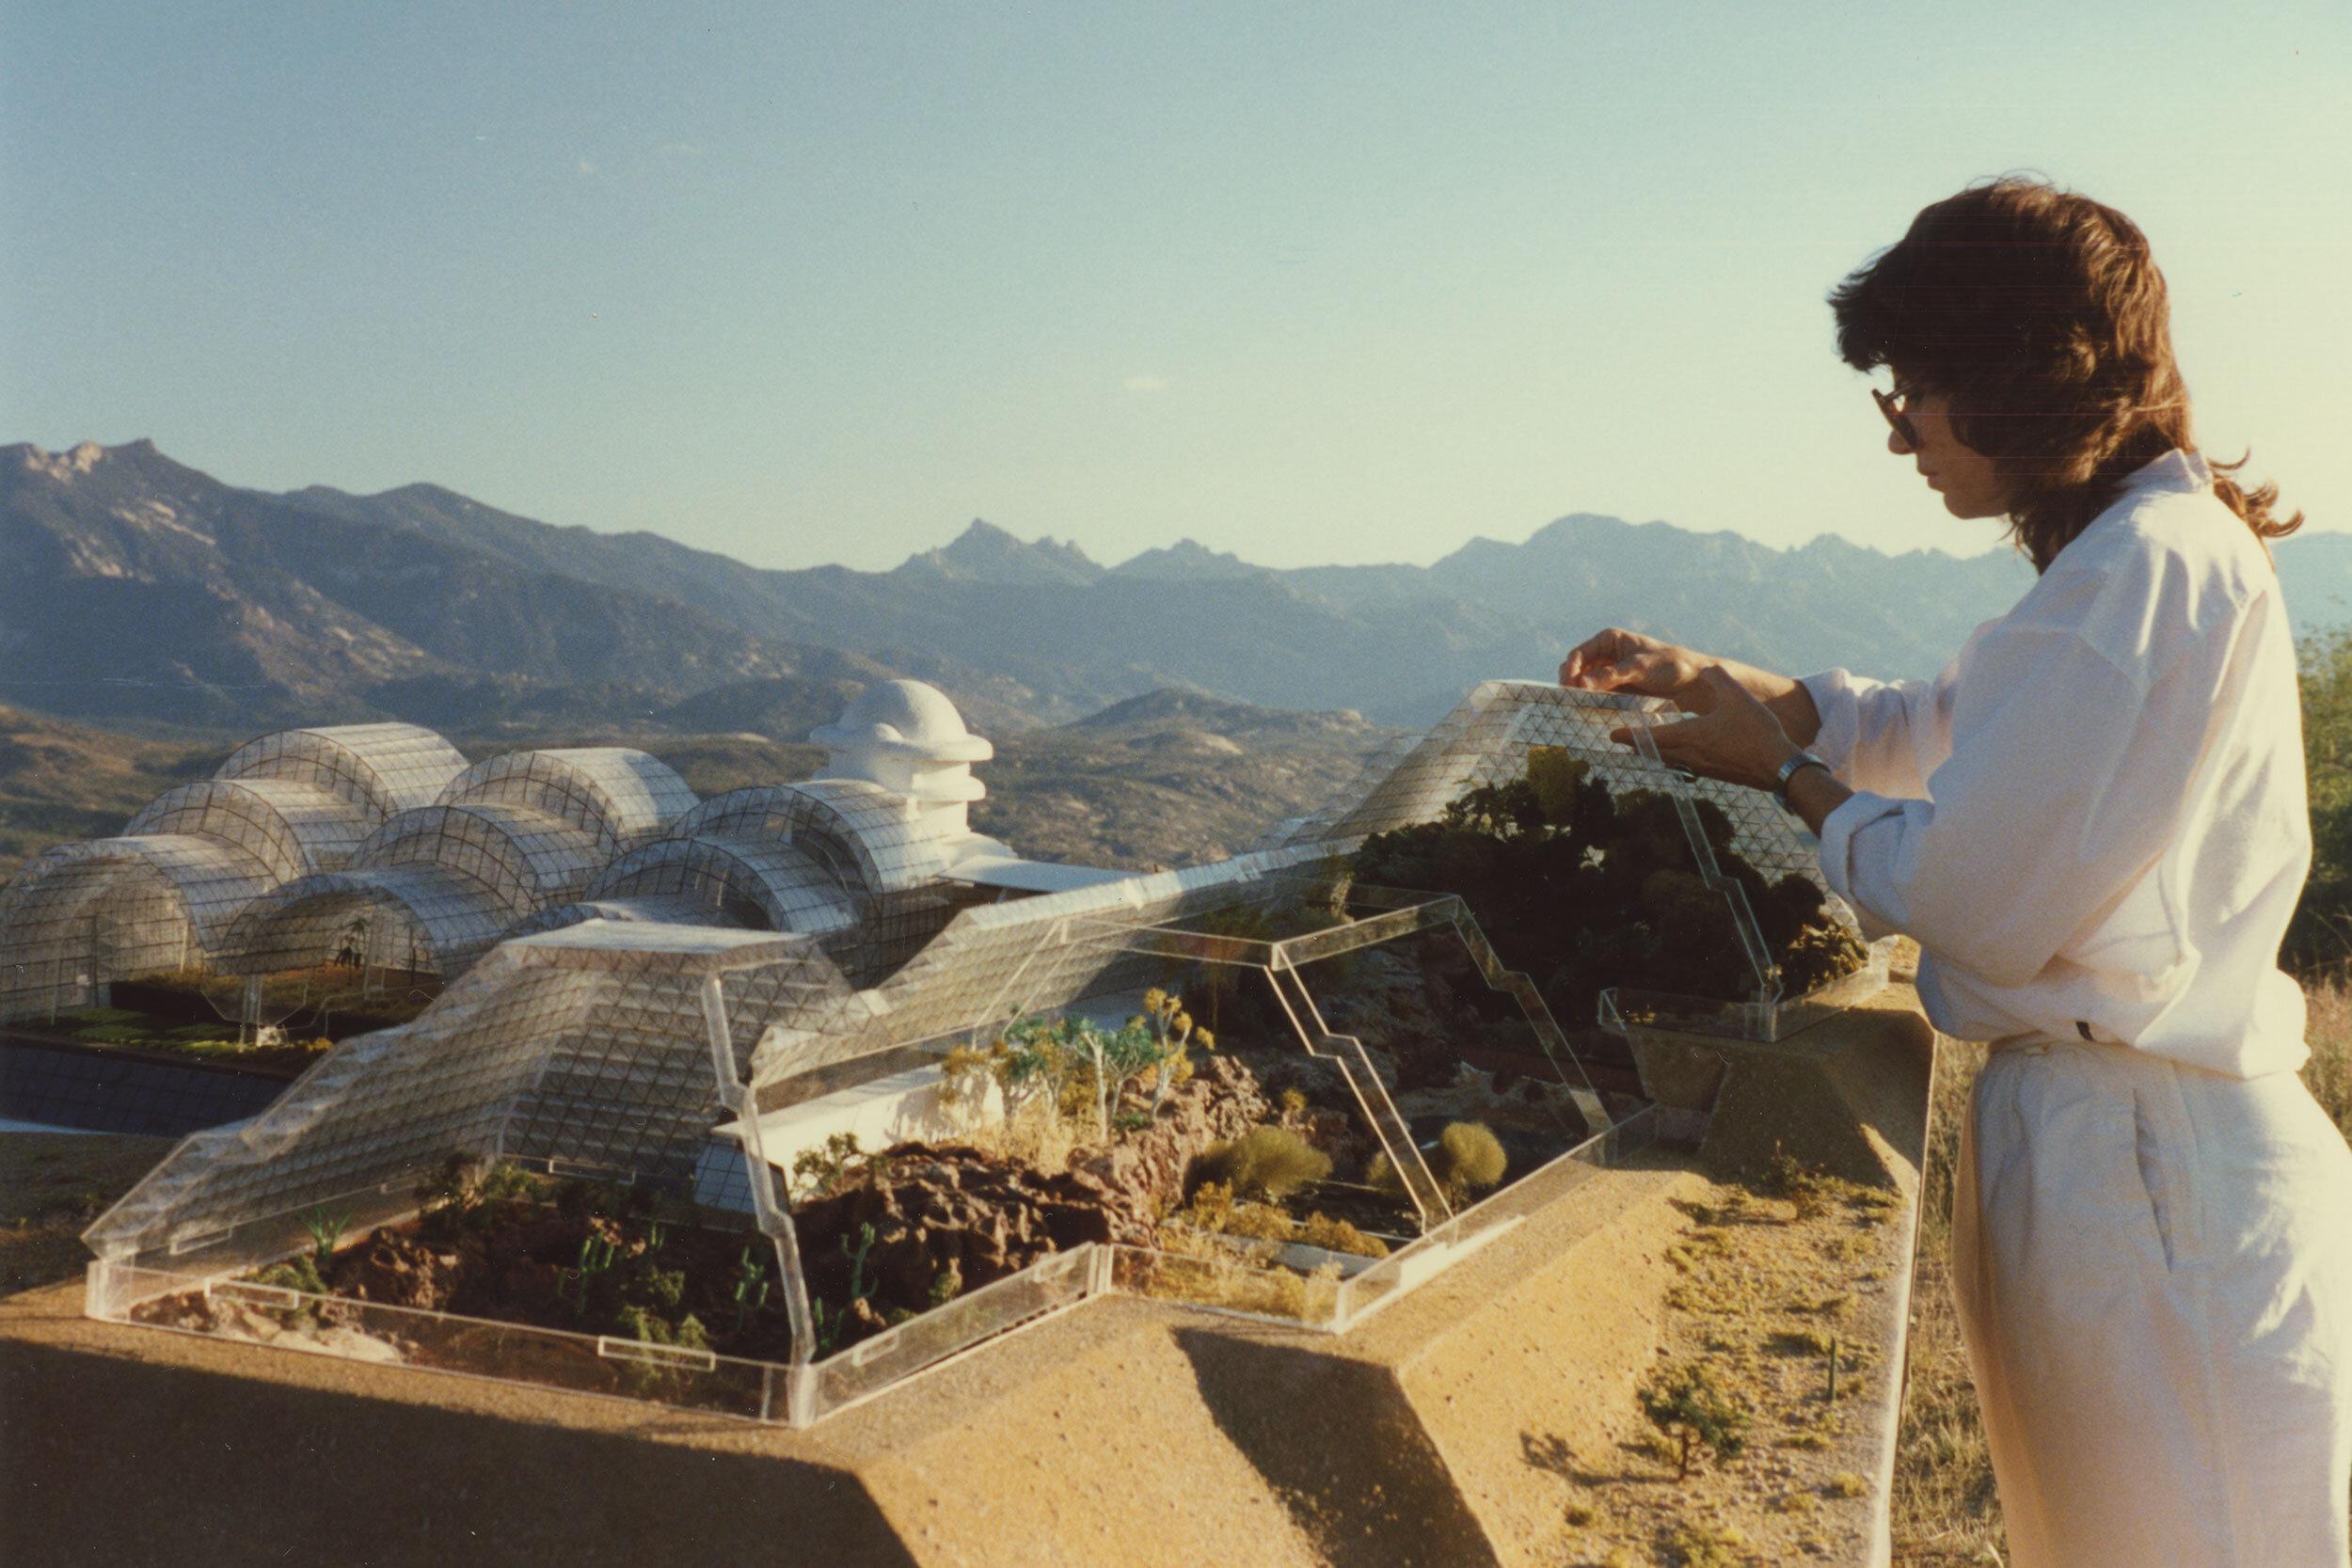 Biosphere 2 Model